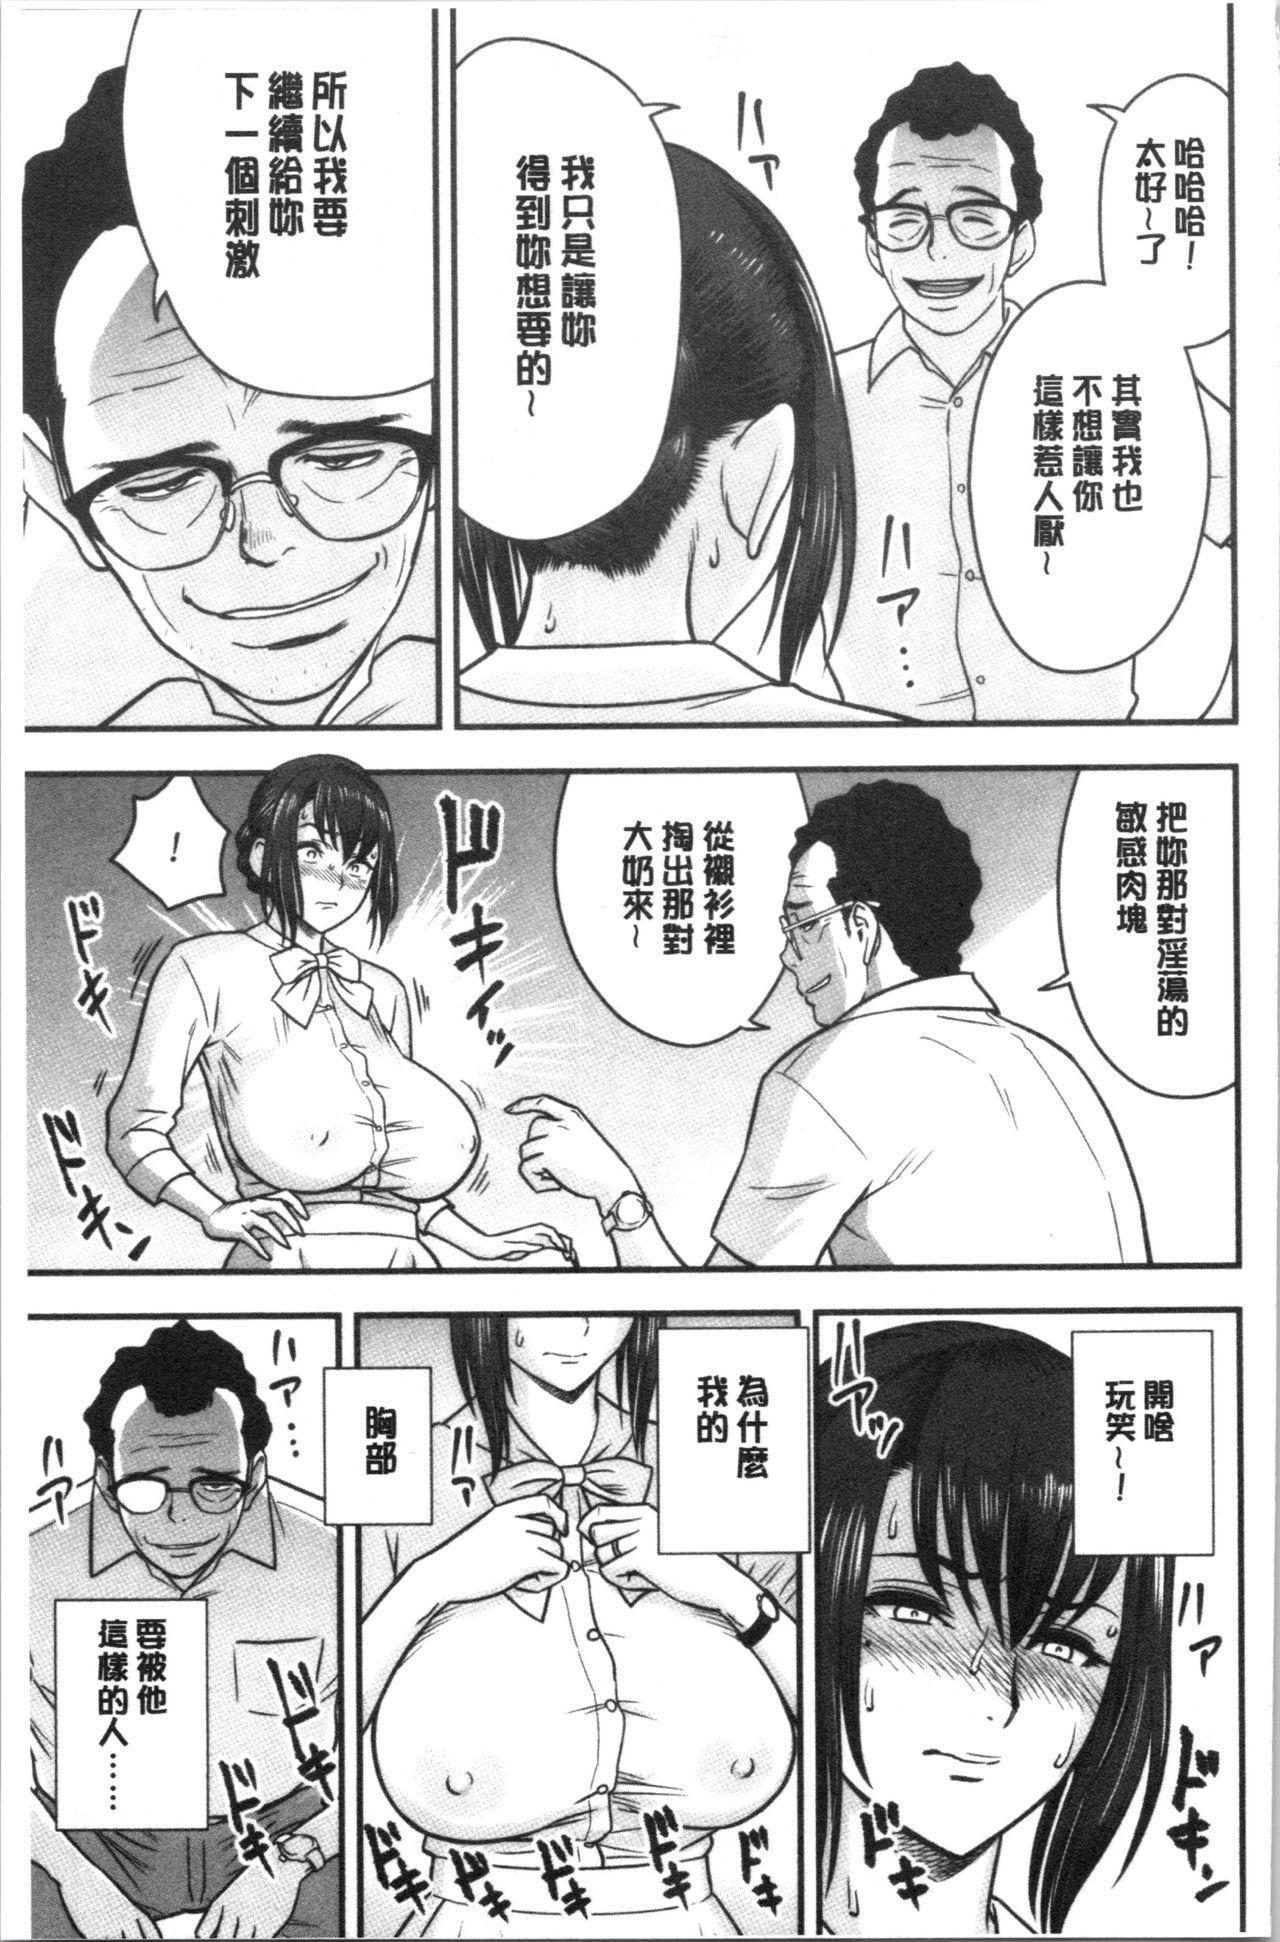 [Tatsunami Youtoku] Dankon Sousai -Hitozuma Kyoushi ga Netorareru made no Kiroku- | 男根想妻 -人妻女教師被寢取偷吃為止的記錄- [Chinese] 119